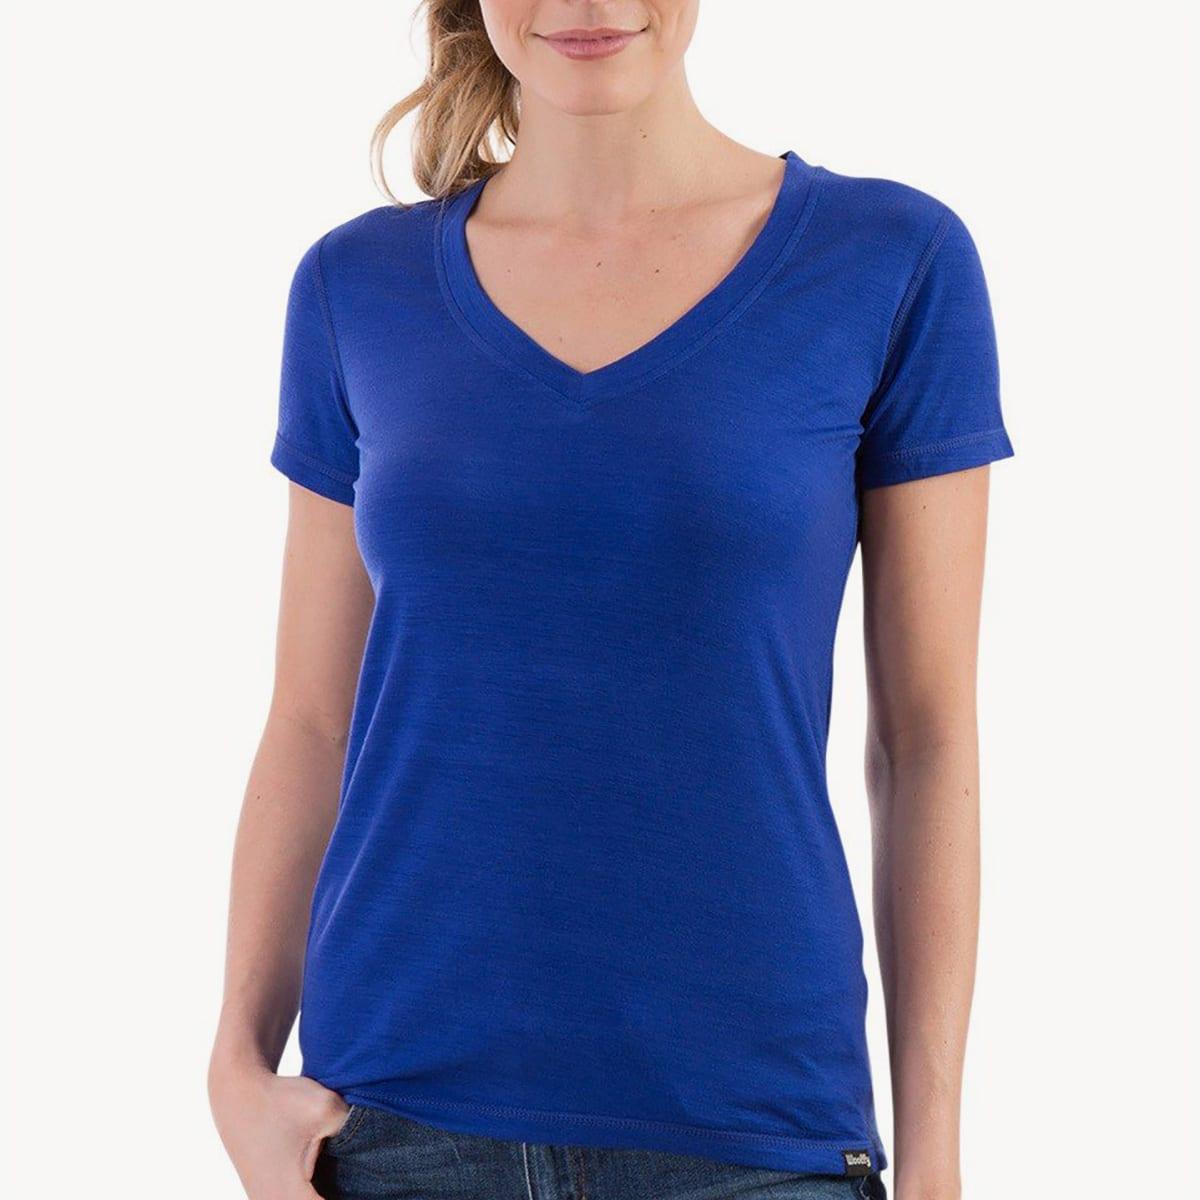 Best Merino Wool T-shirt for Hiking: Woolly Ultralight V-Neck T-shirt ($50)